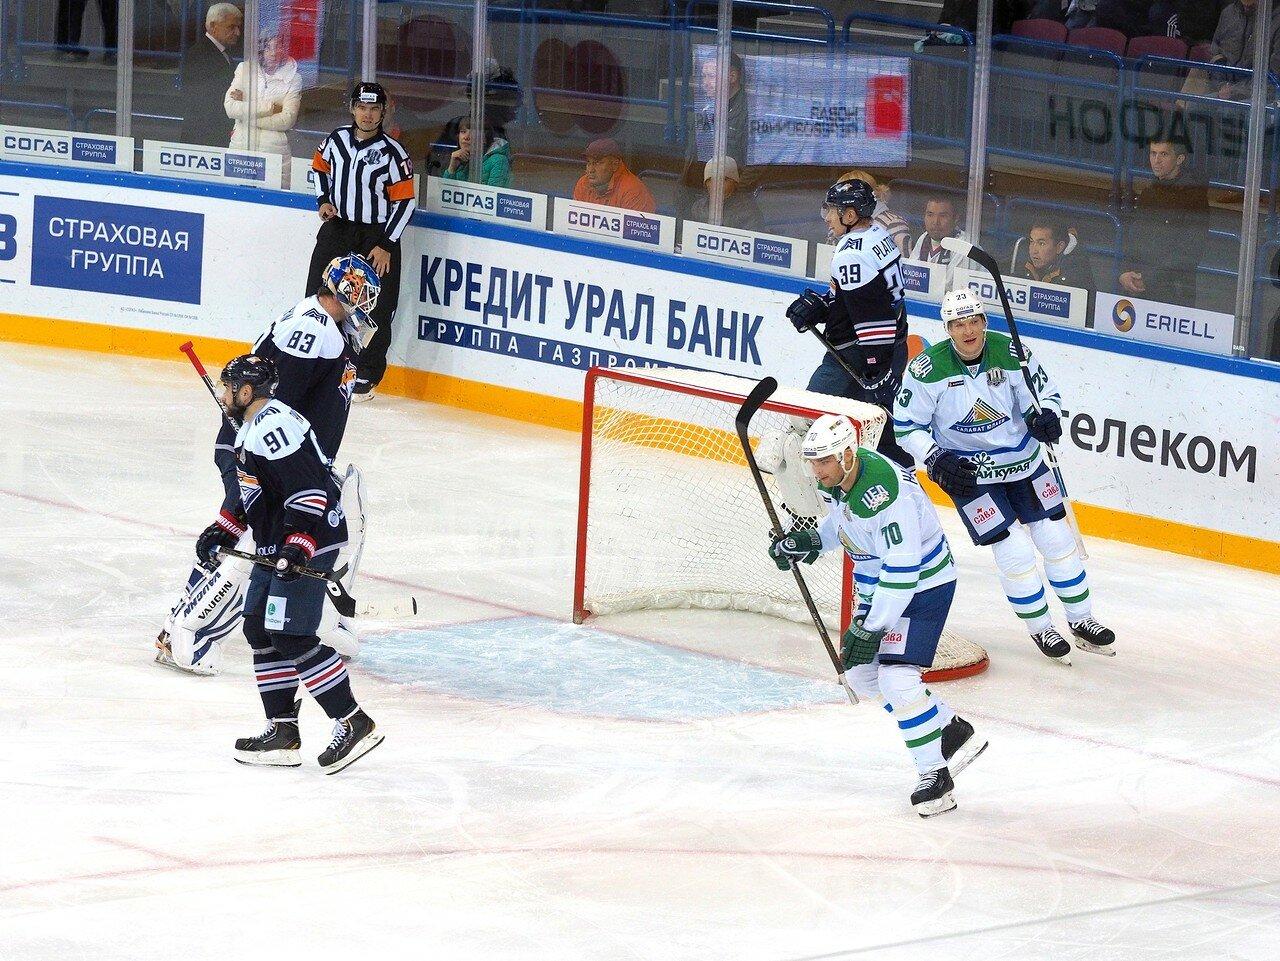 77 Металлург - Салават Юлаев 23.09.2017